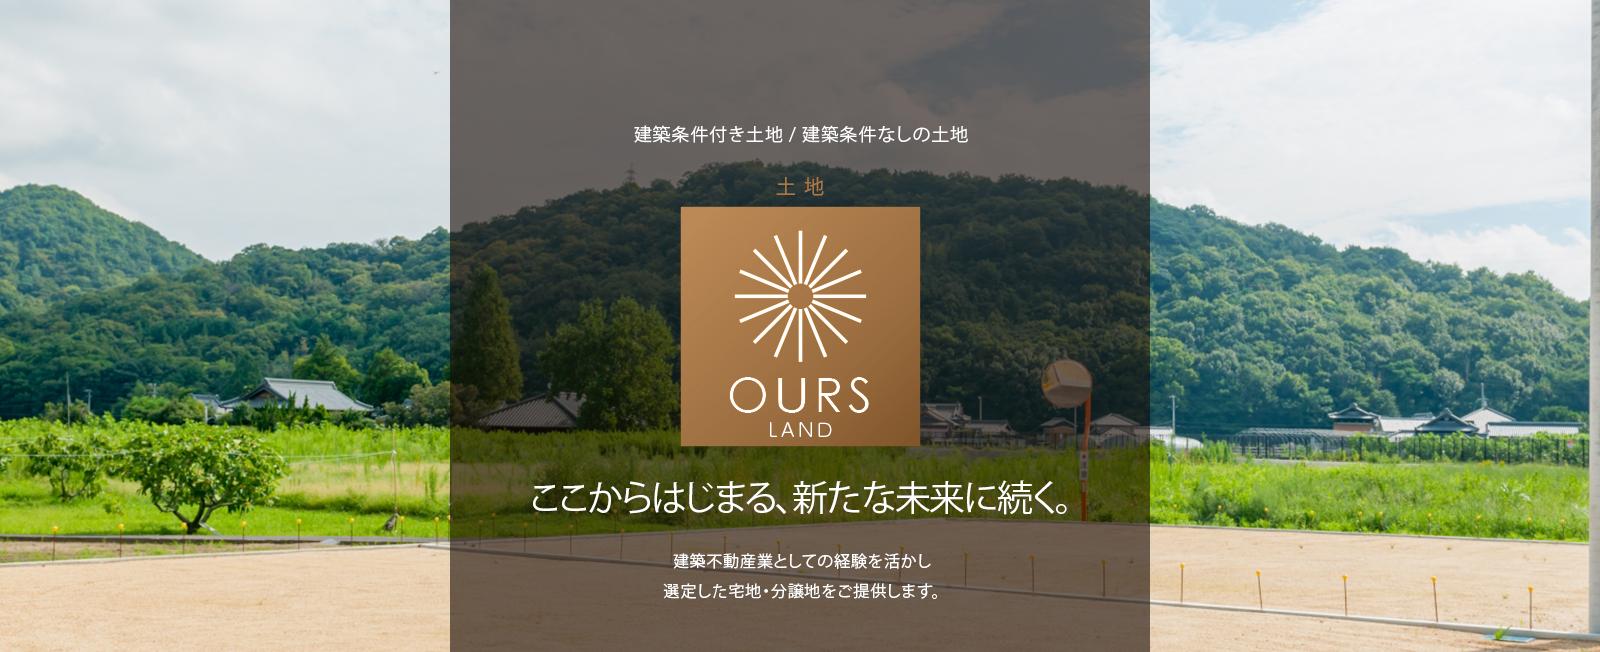 朝日I&Rリアルティの土地・宅地「OURS LAND」